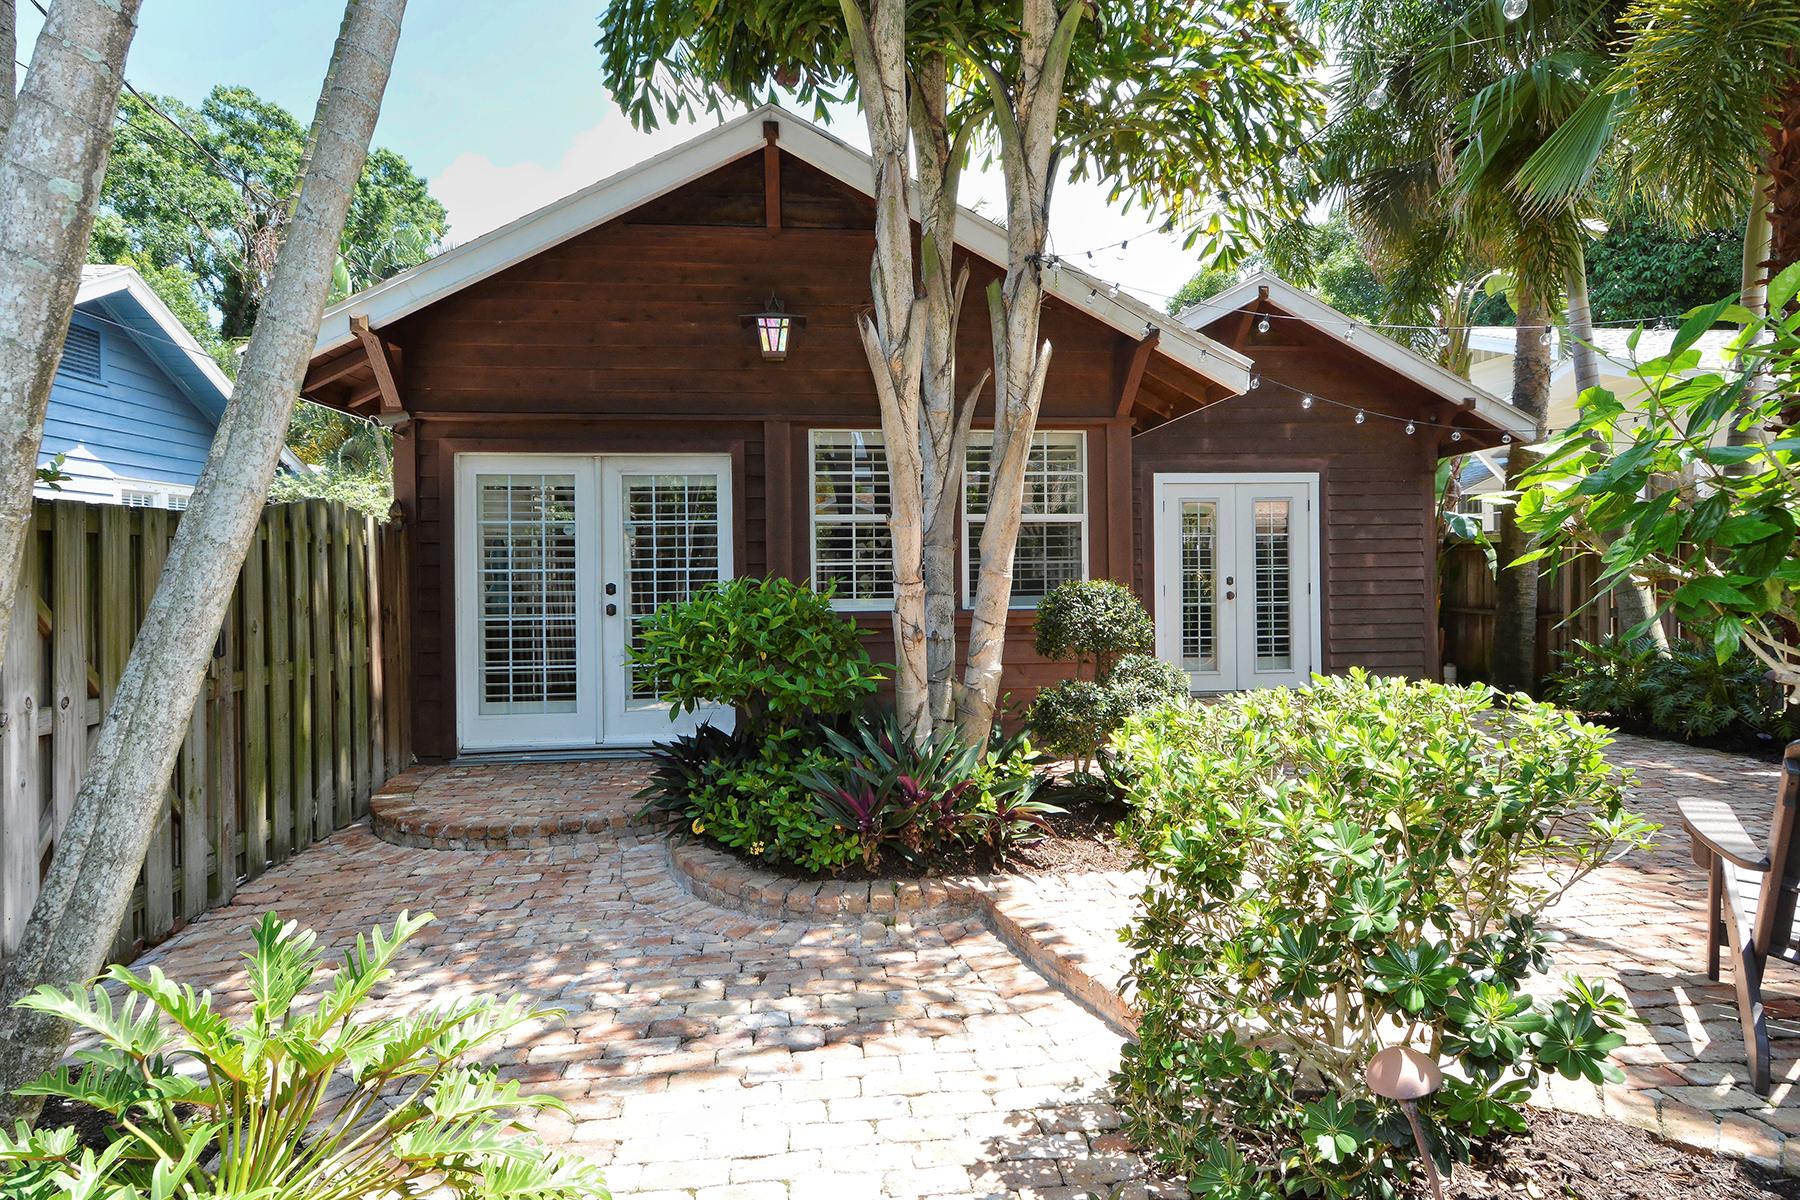 Casa Unifamiliar por un Venta en SOUTHSIDE VILLAGE 1863 Prospect St Southside Village, Sarasota, Florida, 34239 Estados Unidos